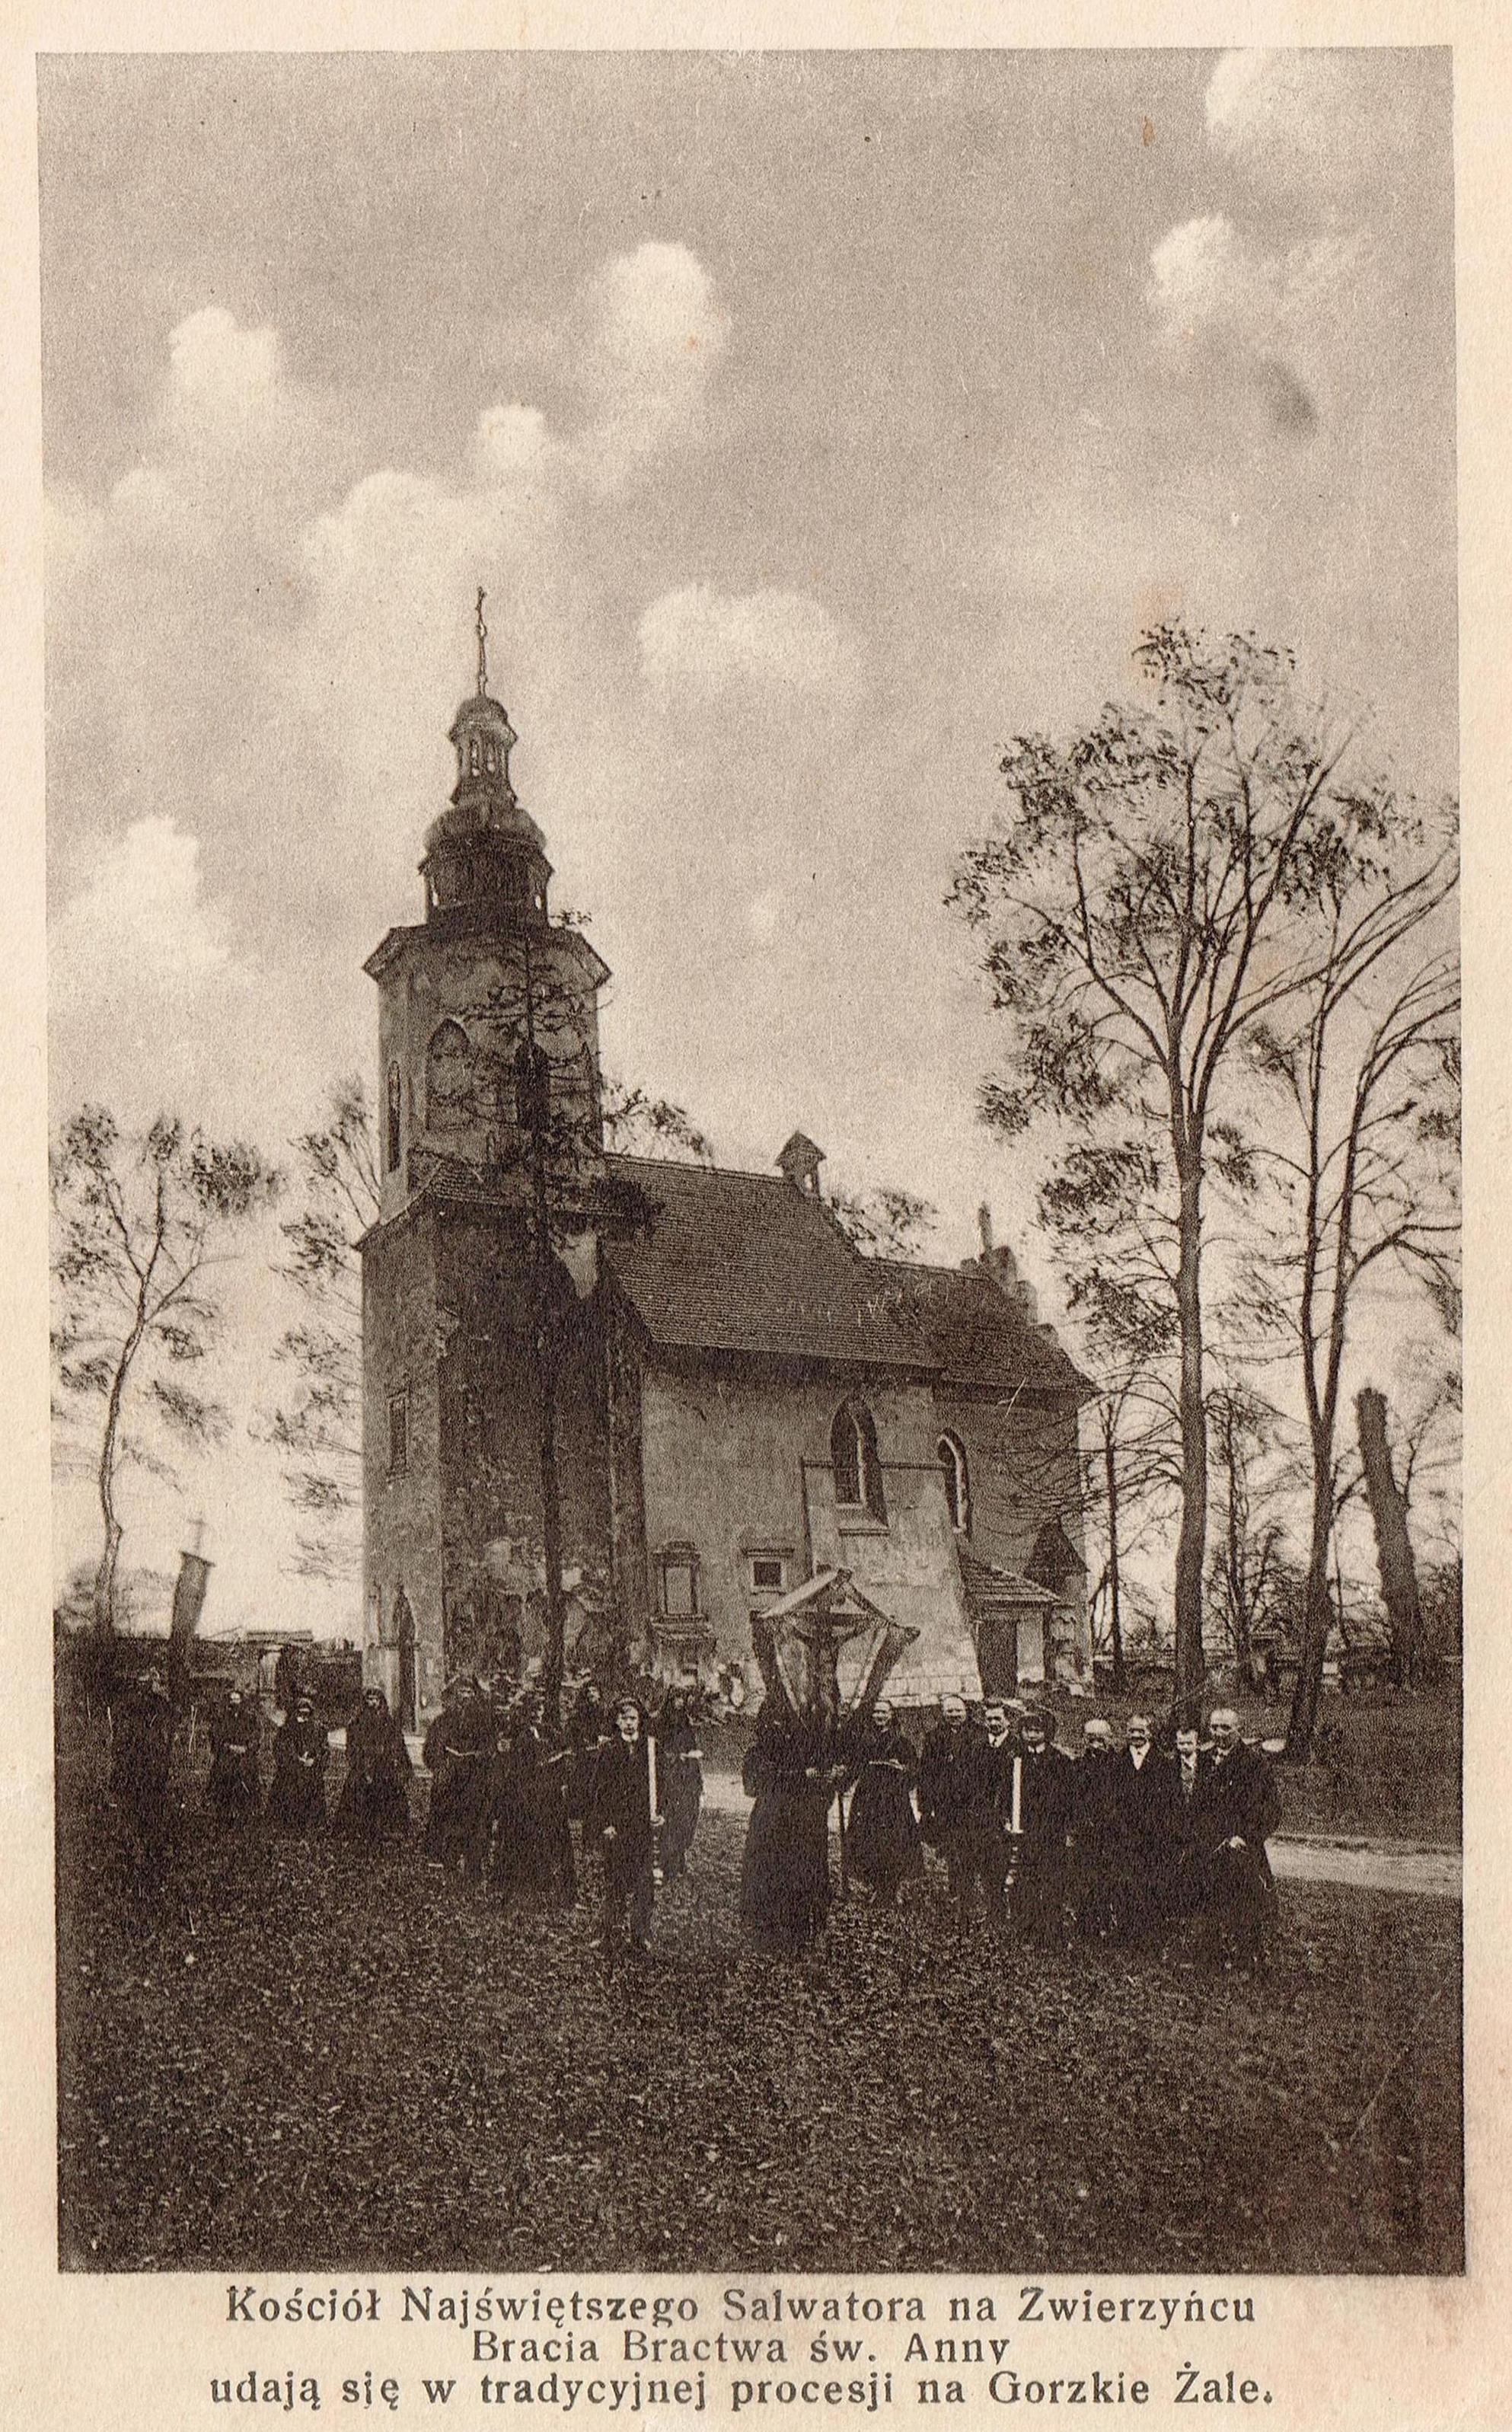 Kościół Najświętszego Salwatora i Gorzkie Żale